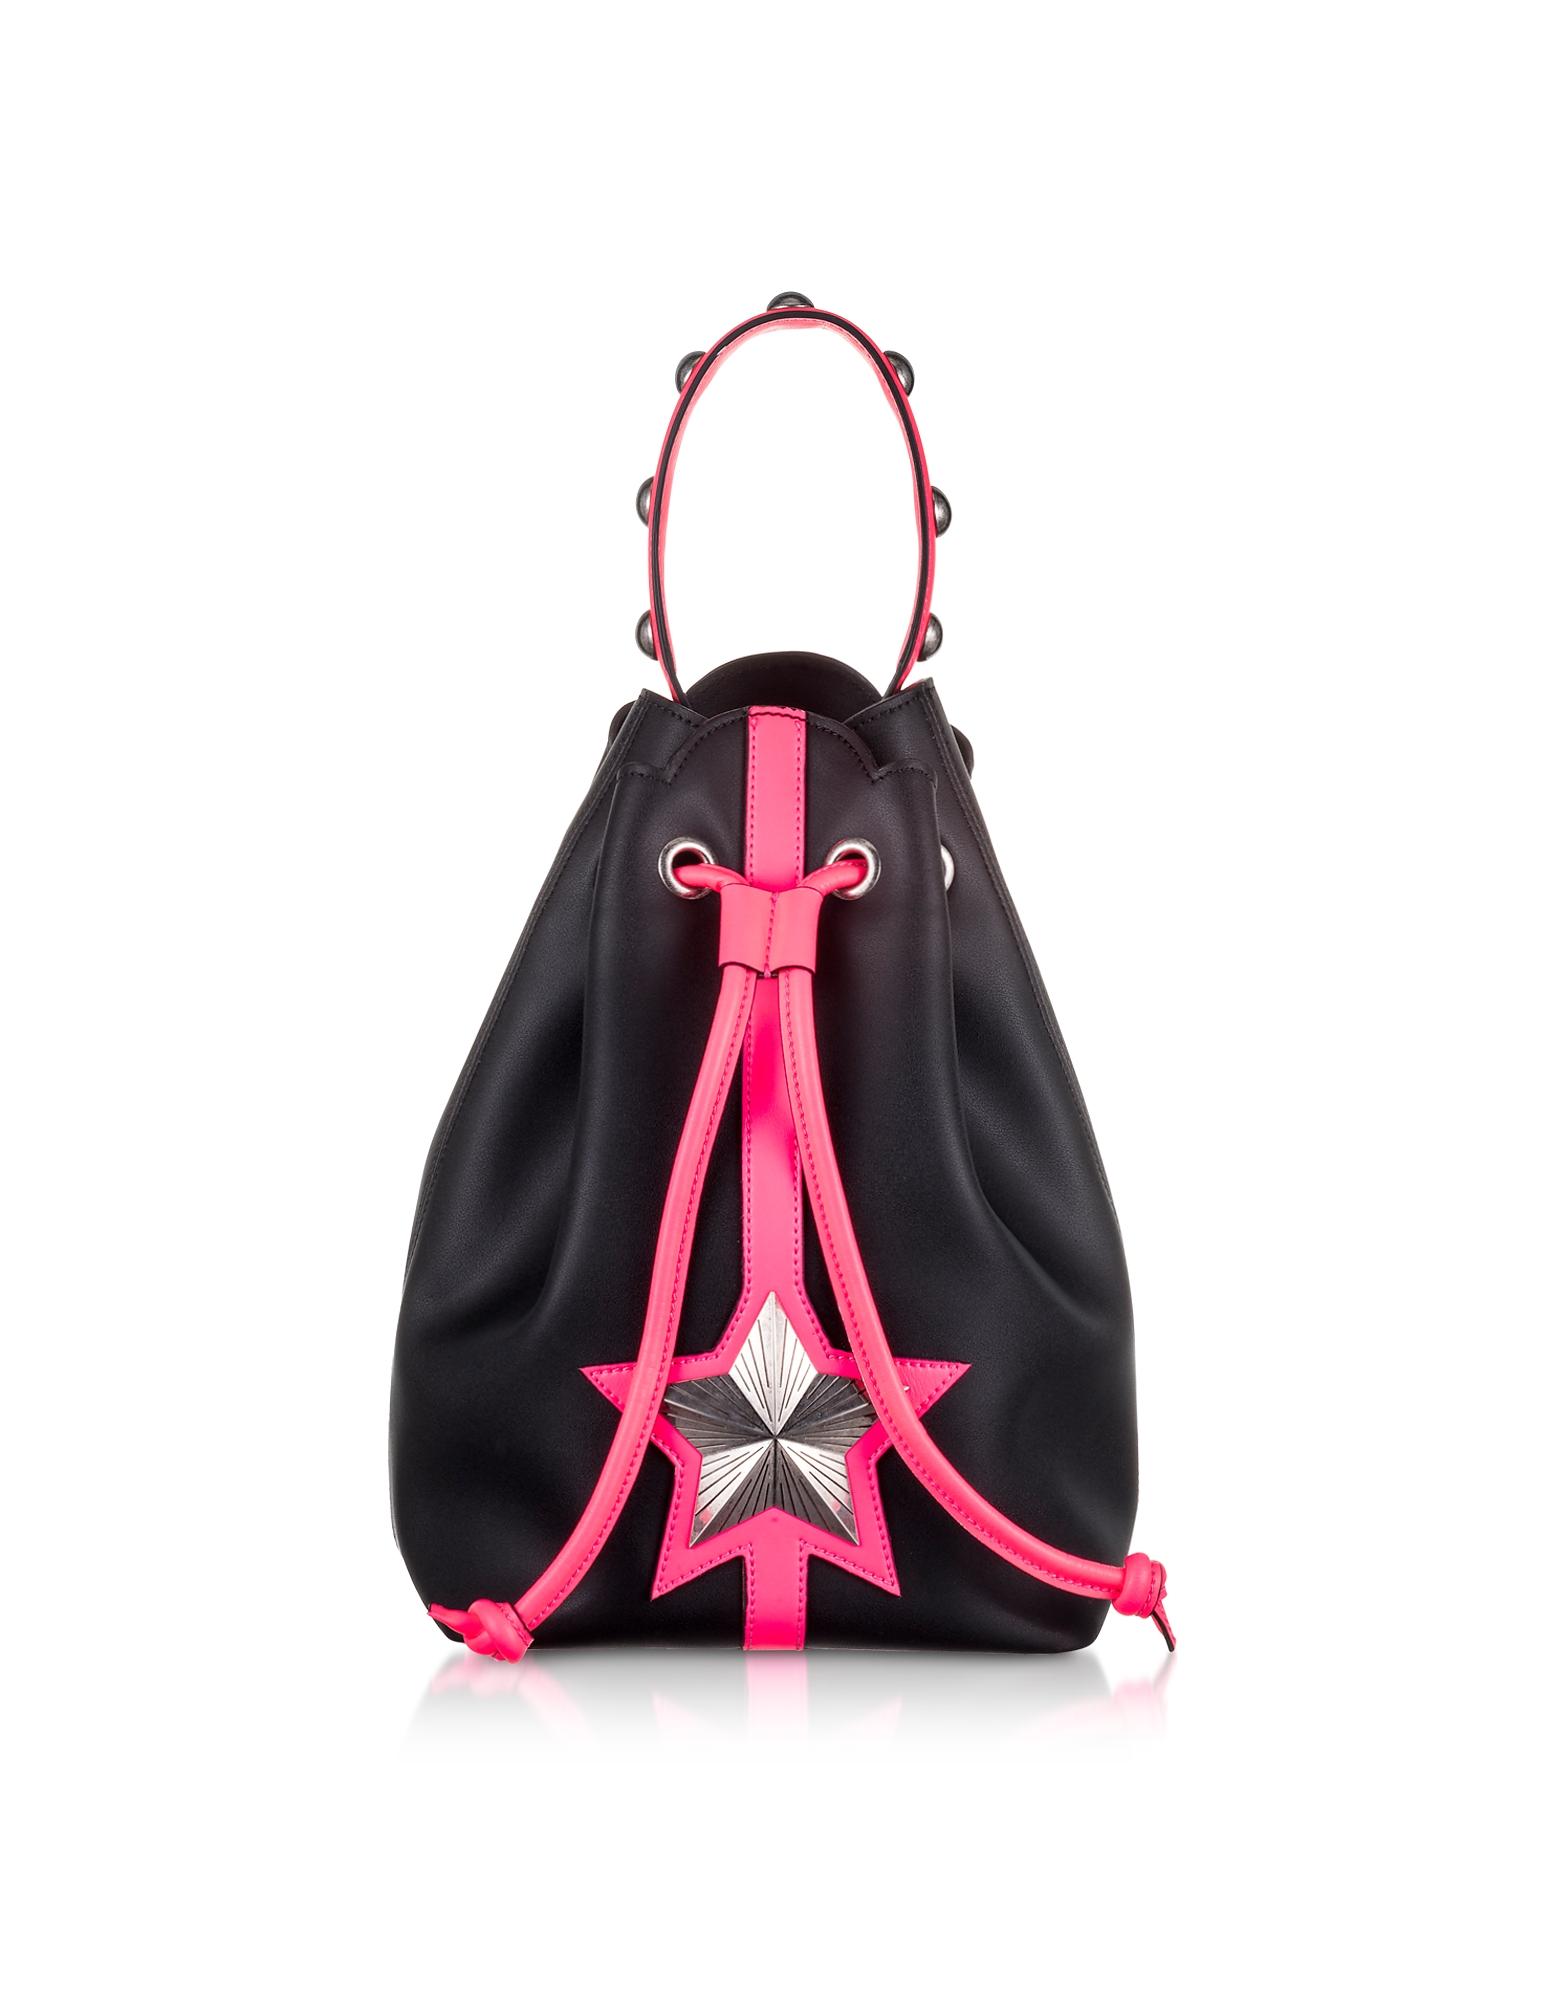 Vega - Черная Кожаная Сумка Мешок с Неоново-Розовой Деталью